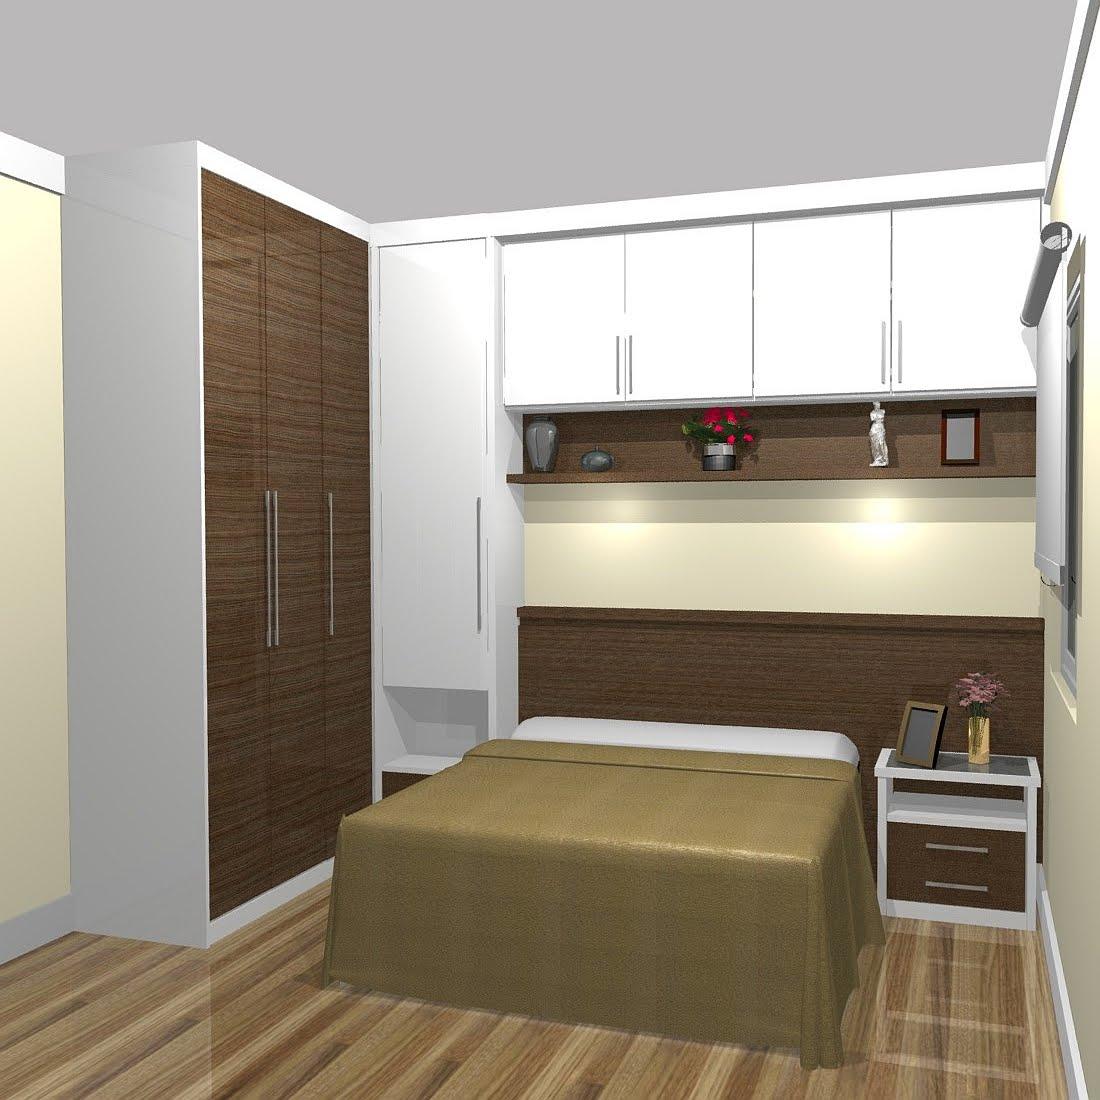 MÓVEIS PLANEJADOS MARCENARIA CASACOR NOIVAS PAINEL LACA  ~ Quarto Planejado De Apartamento Pequeno